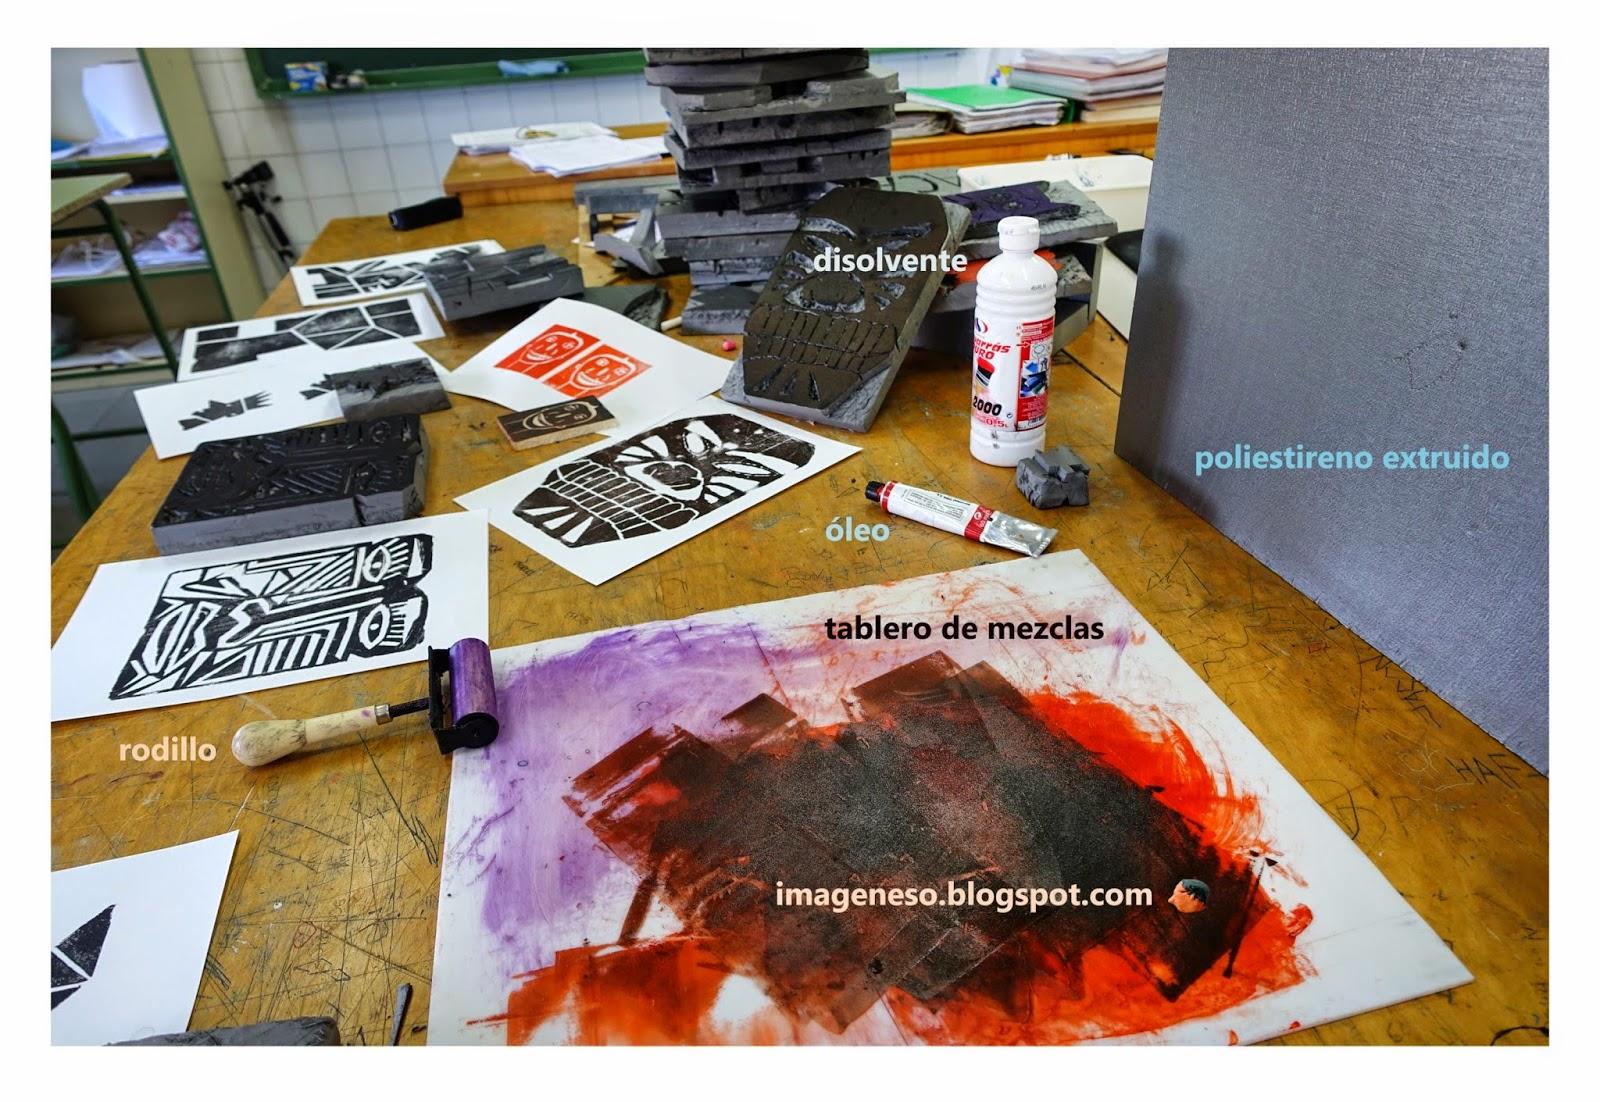 Estampando con poliestireno extruido imagenesola imagen - Planchas de poliestireno extruido ...